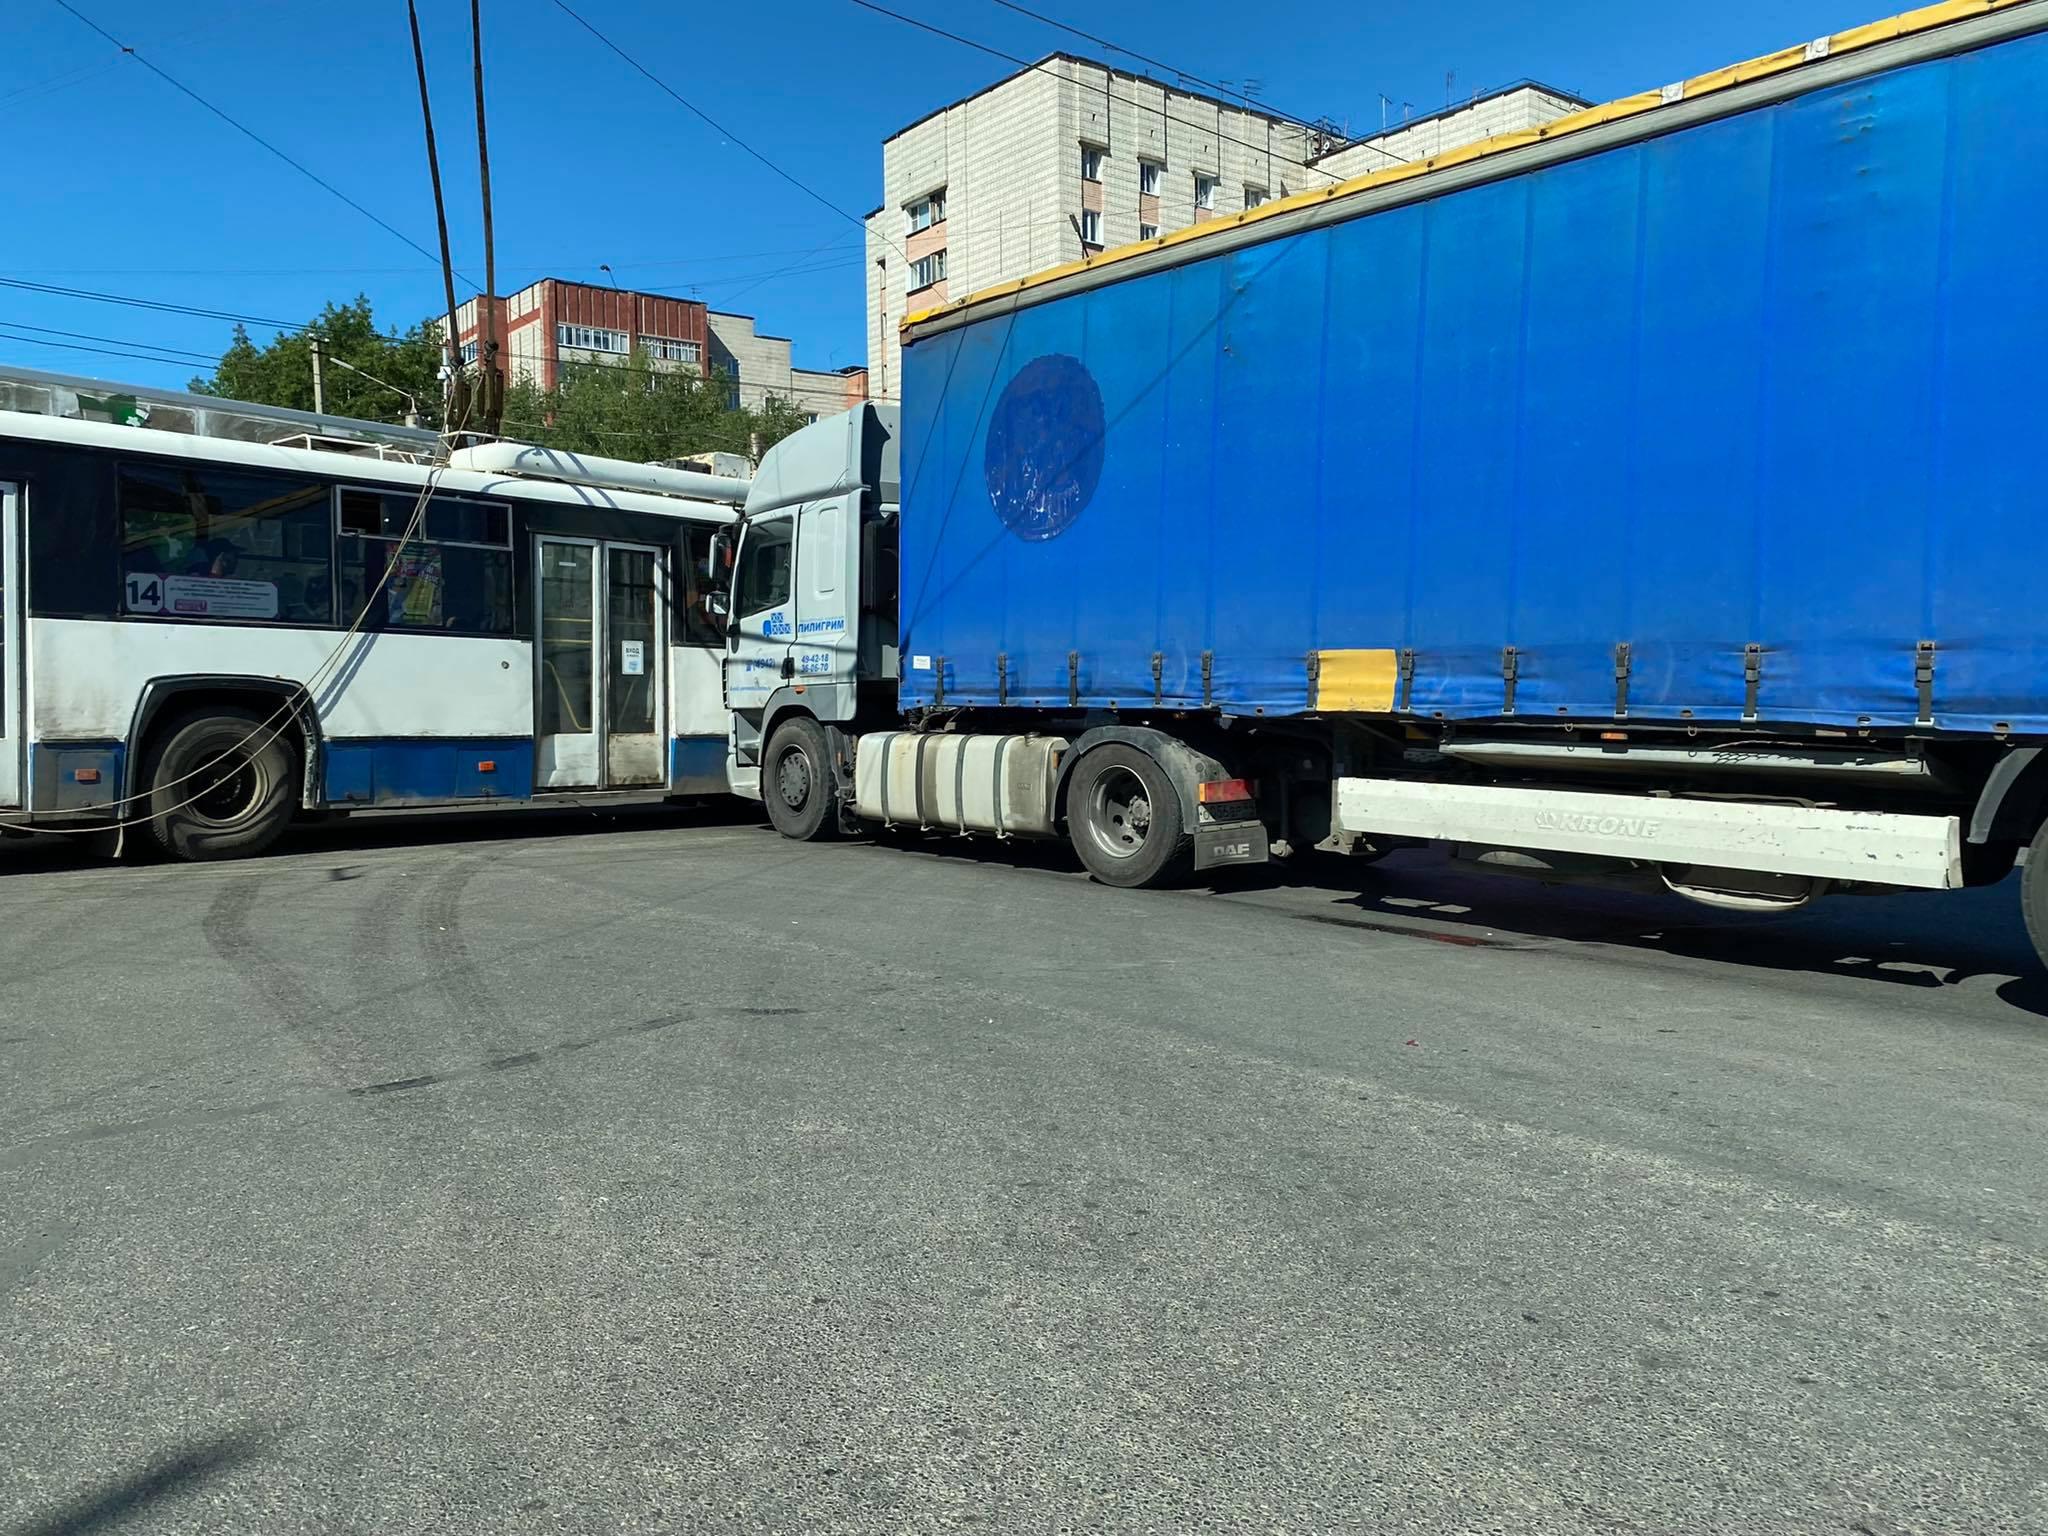 Движение по улице Воровского было парализовано из-за аварии с участием фуры и обесточенных троллейбусов